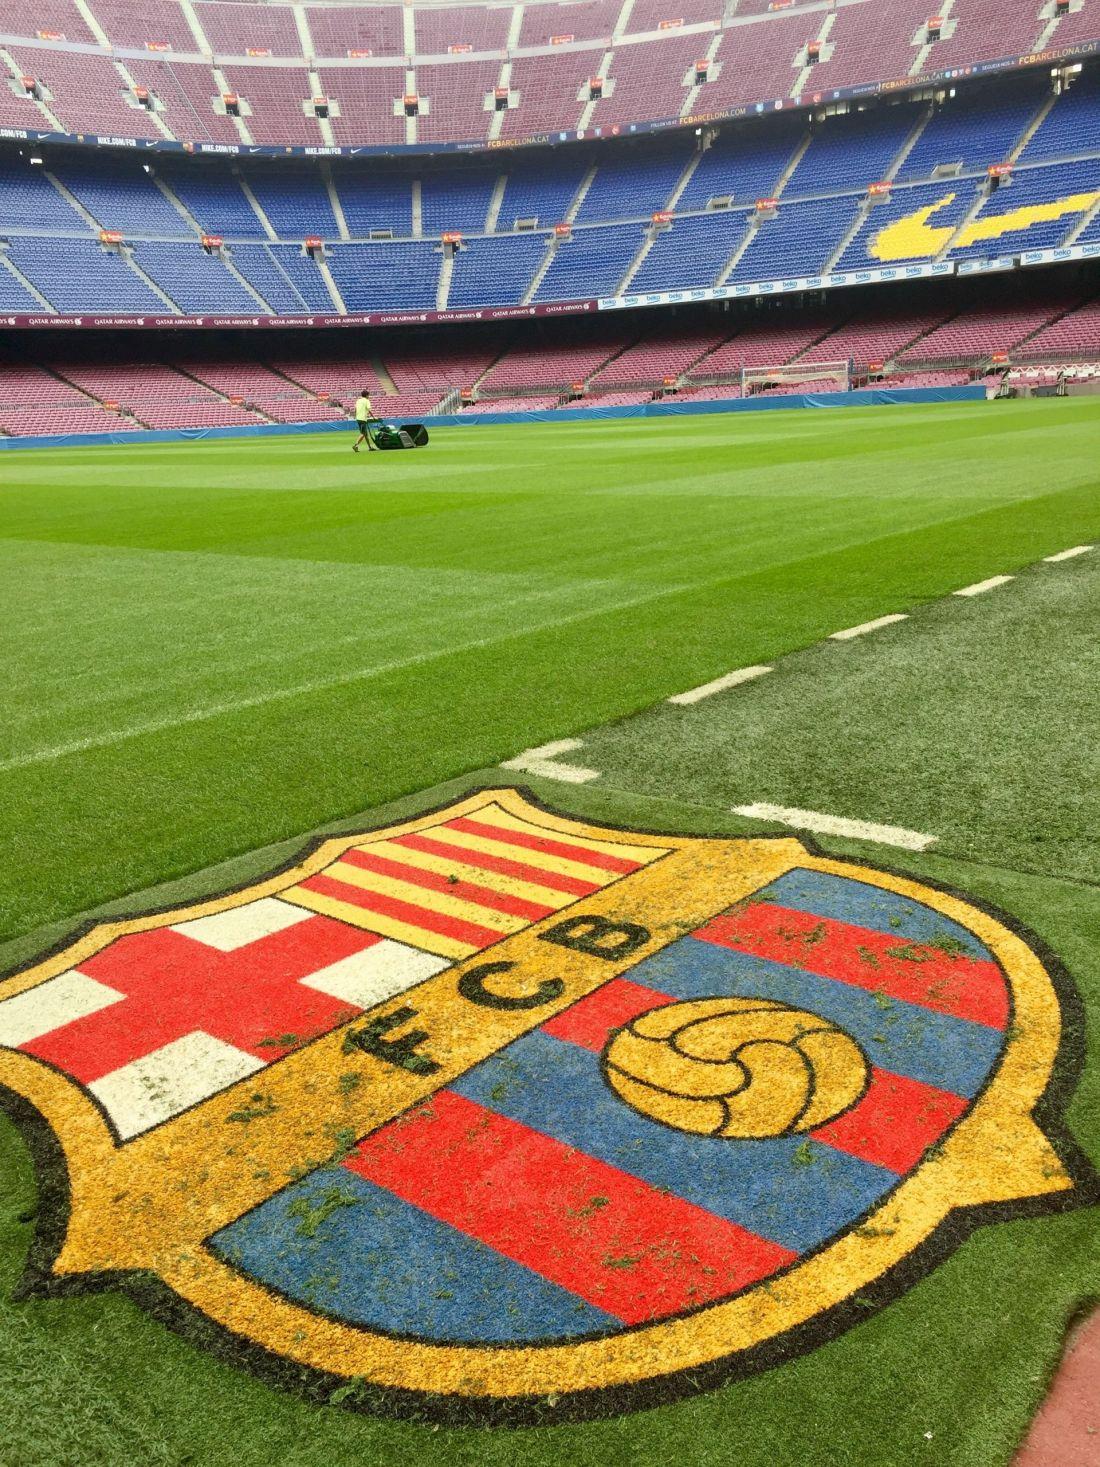 Camp Nou pitch, Barcelona